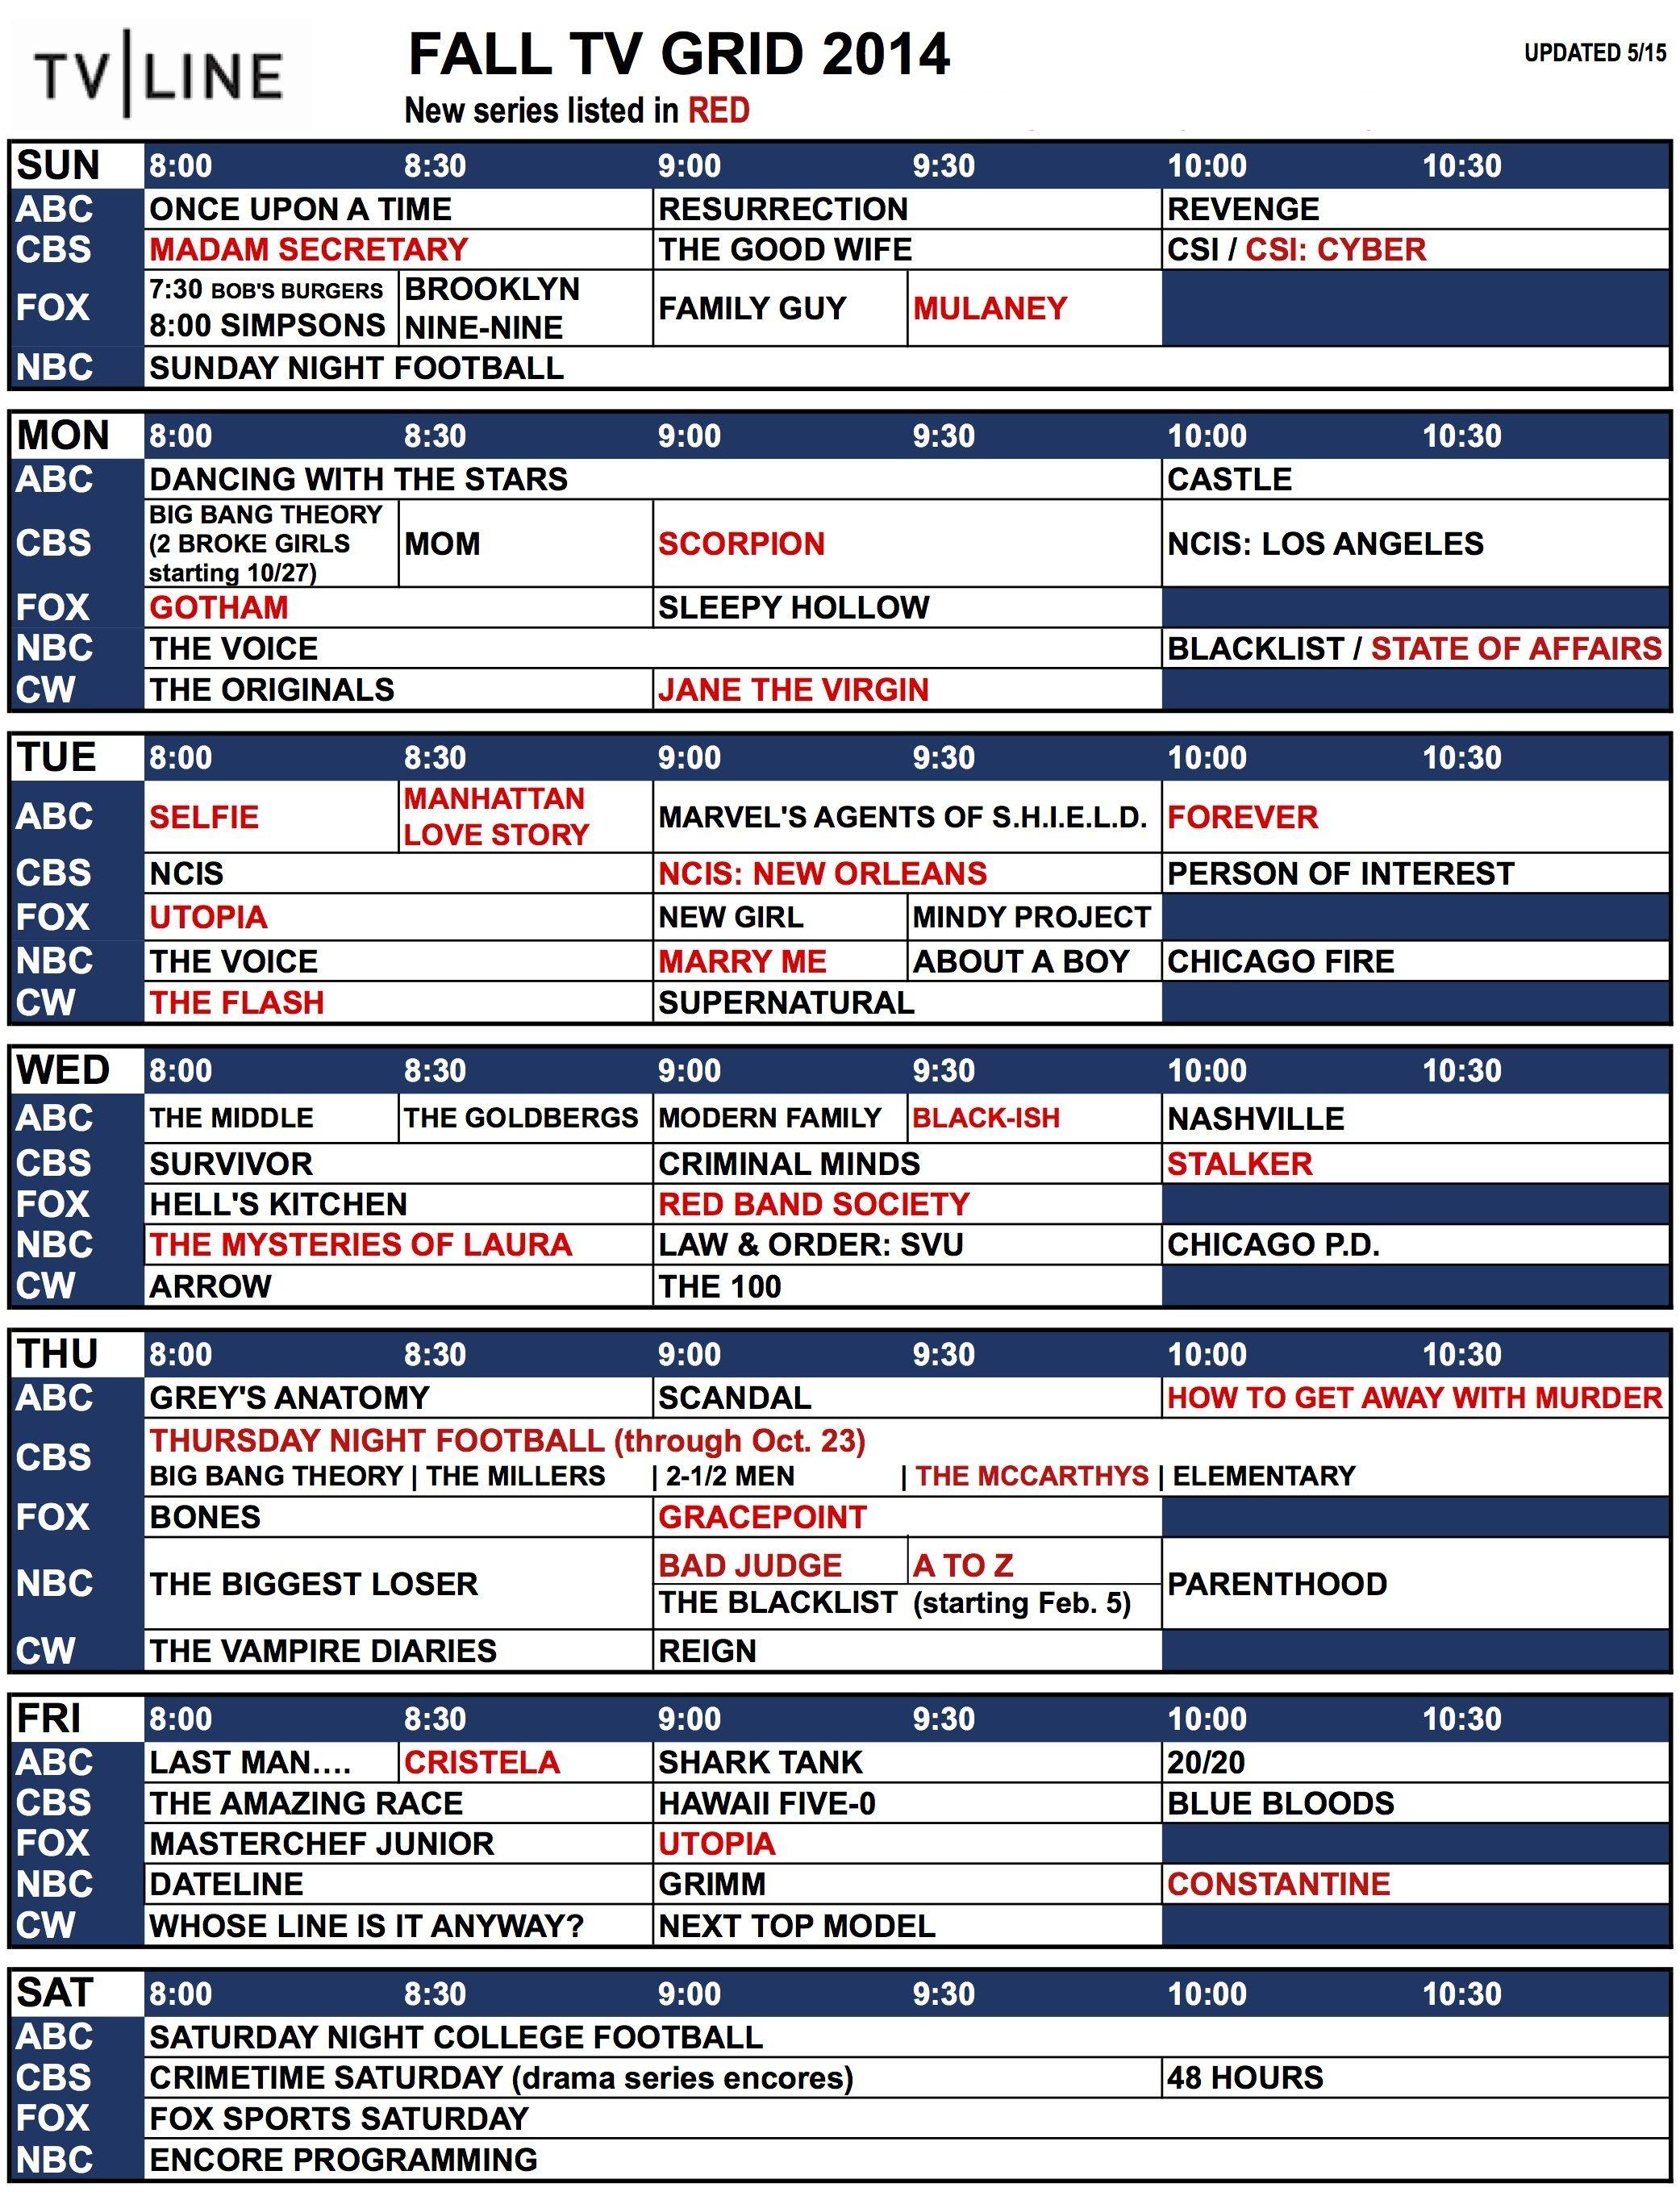 Falltvgrid2014r51 Jpg 2 083 2 728 Pixels Fall Tv Fall Tv Schedule Tv Schedule